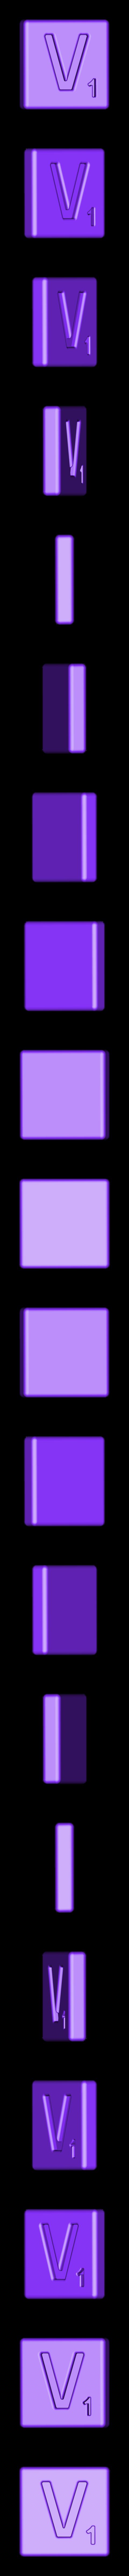 Single_Cut_V.STL Télécharger fichier STL gratuit Pièces et support SCRABBBLE • Design pour imprimante 3D, Balkhagal4D